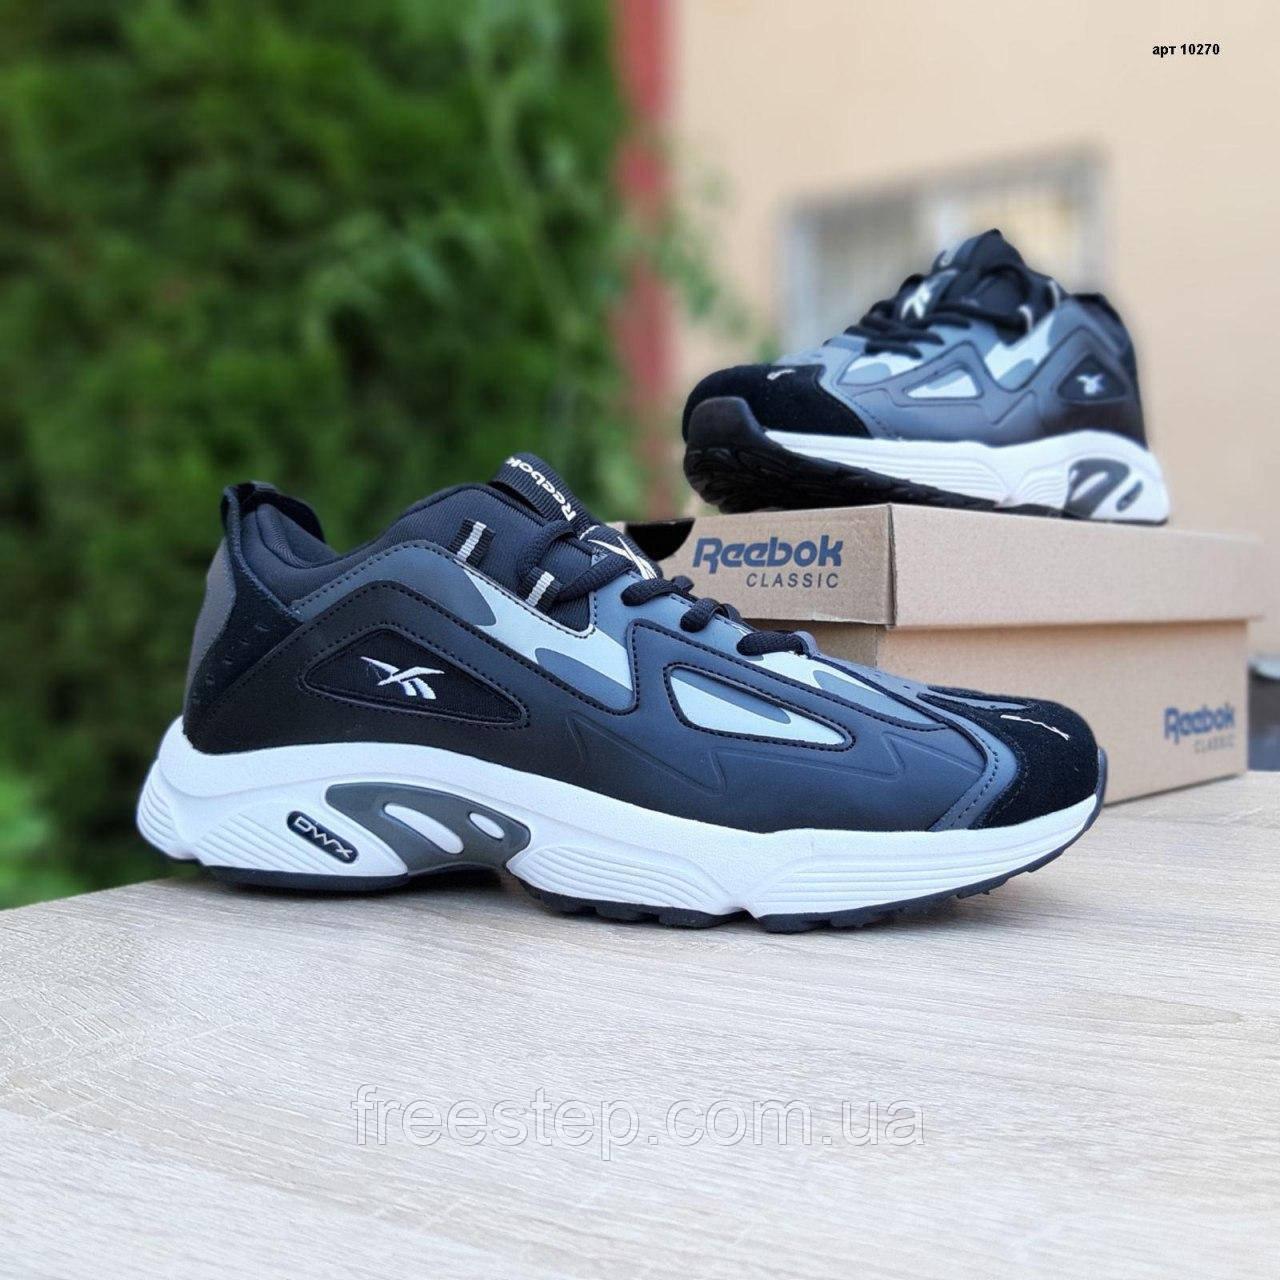 Чоловічі кросівки в стилі Reebok DMX сірі